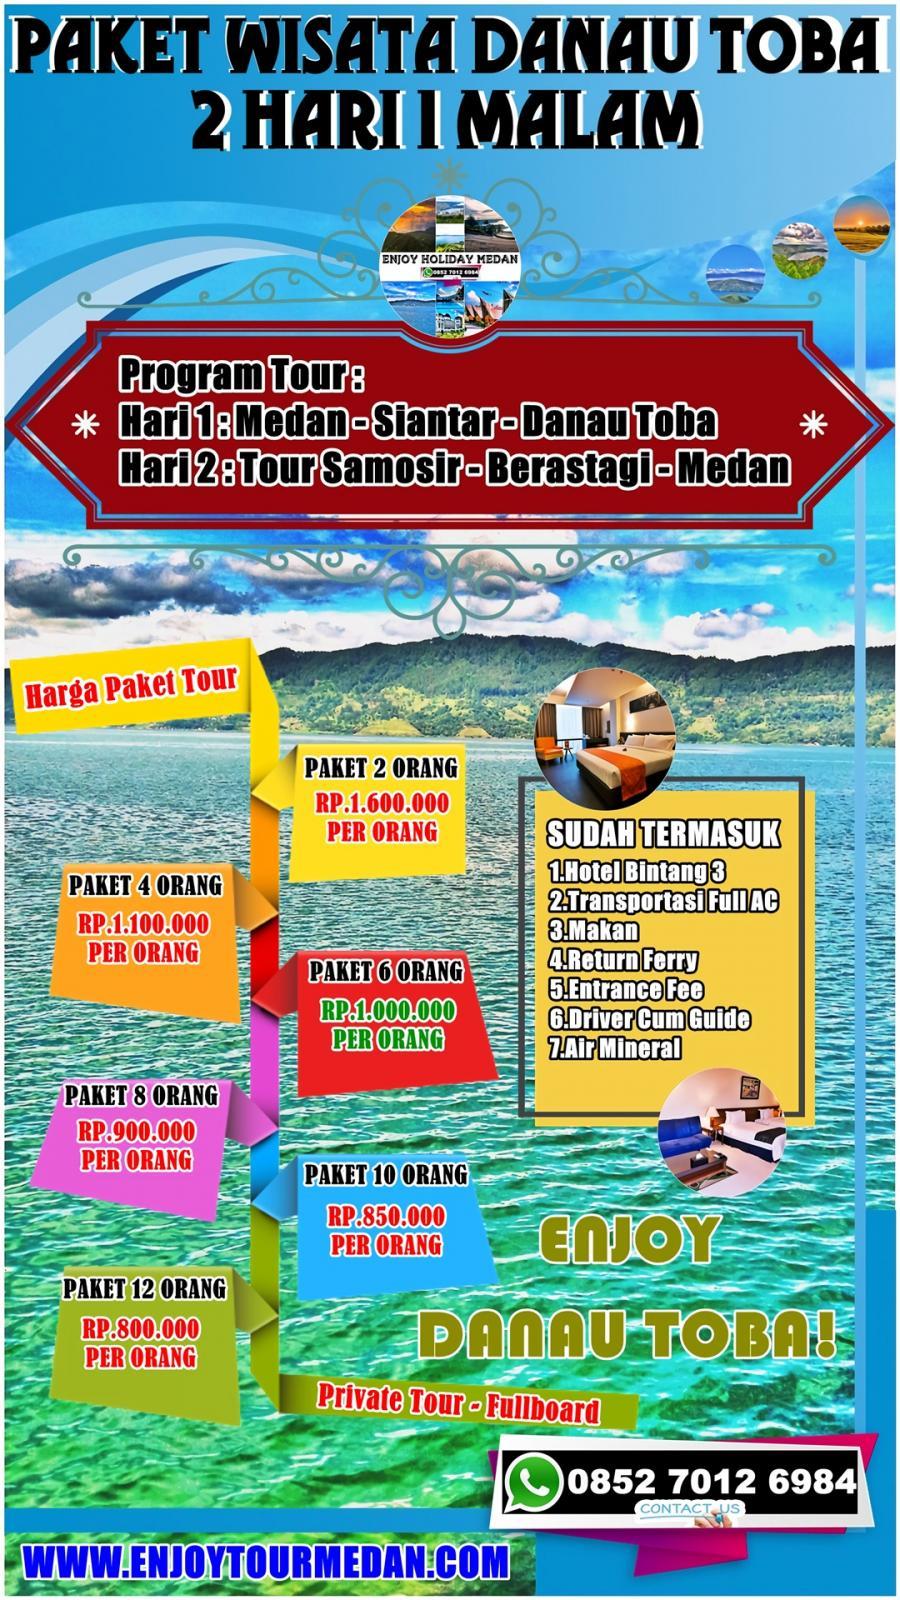 Paket Wisata Danau Toba Murah 2 Hari 1 Malam